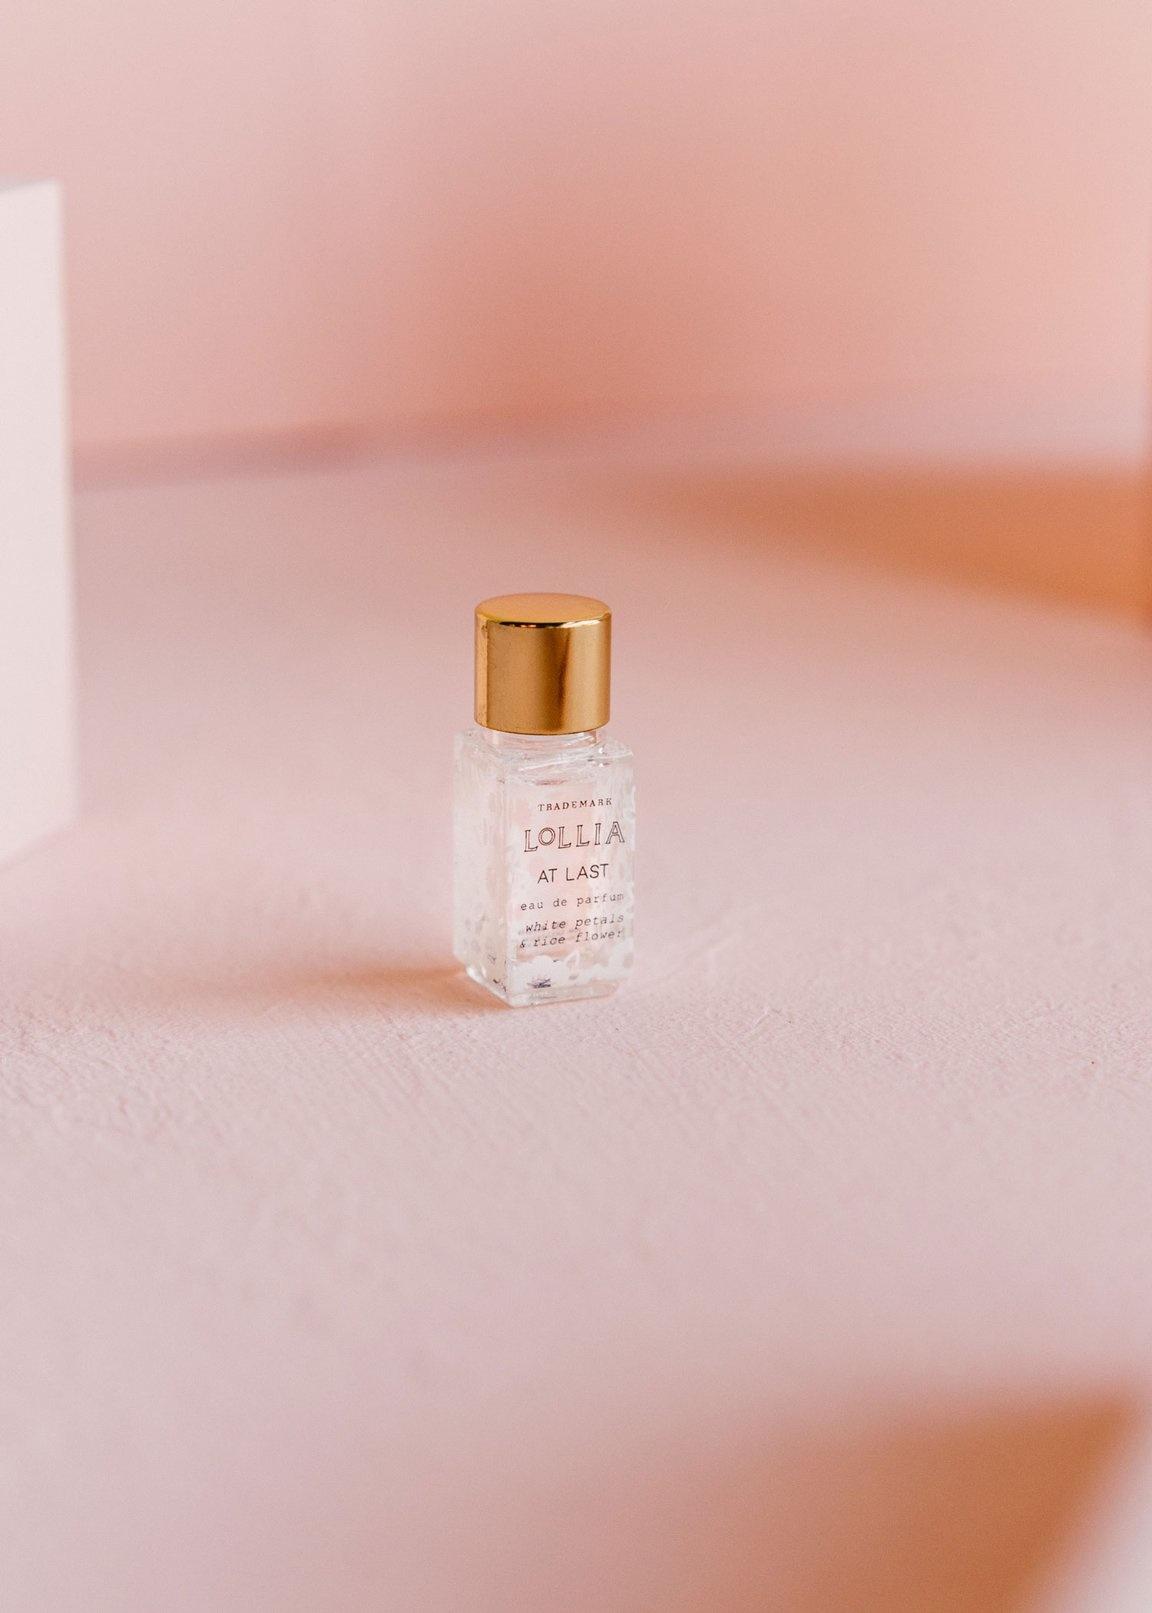 Lollia At Last Little Lux Perfume